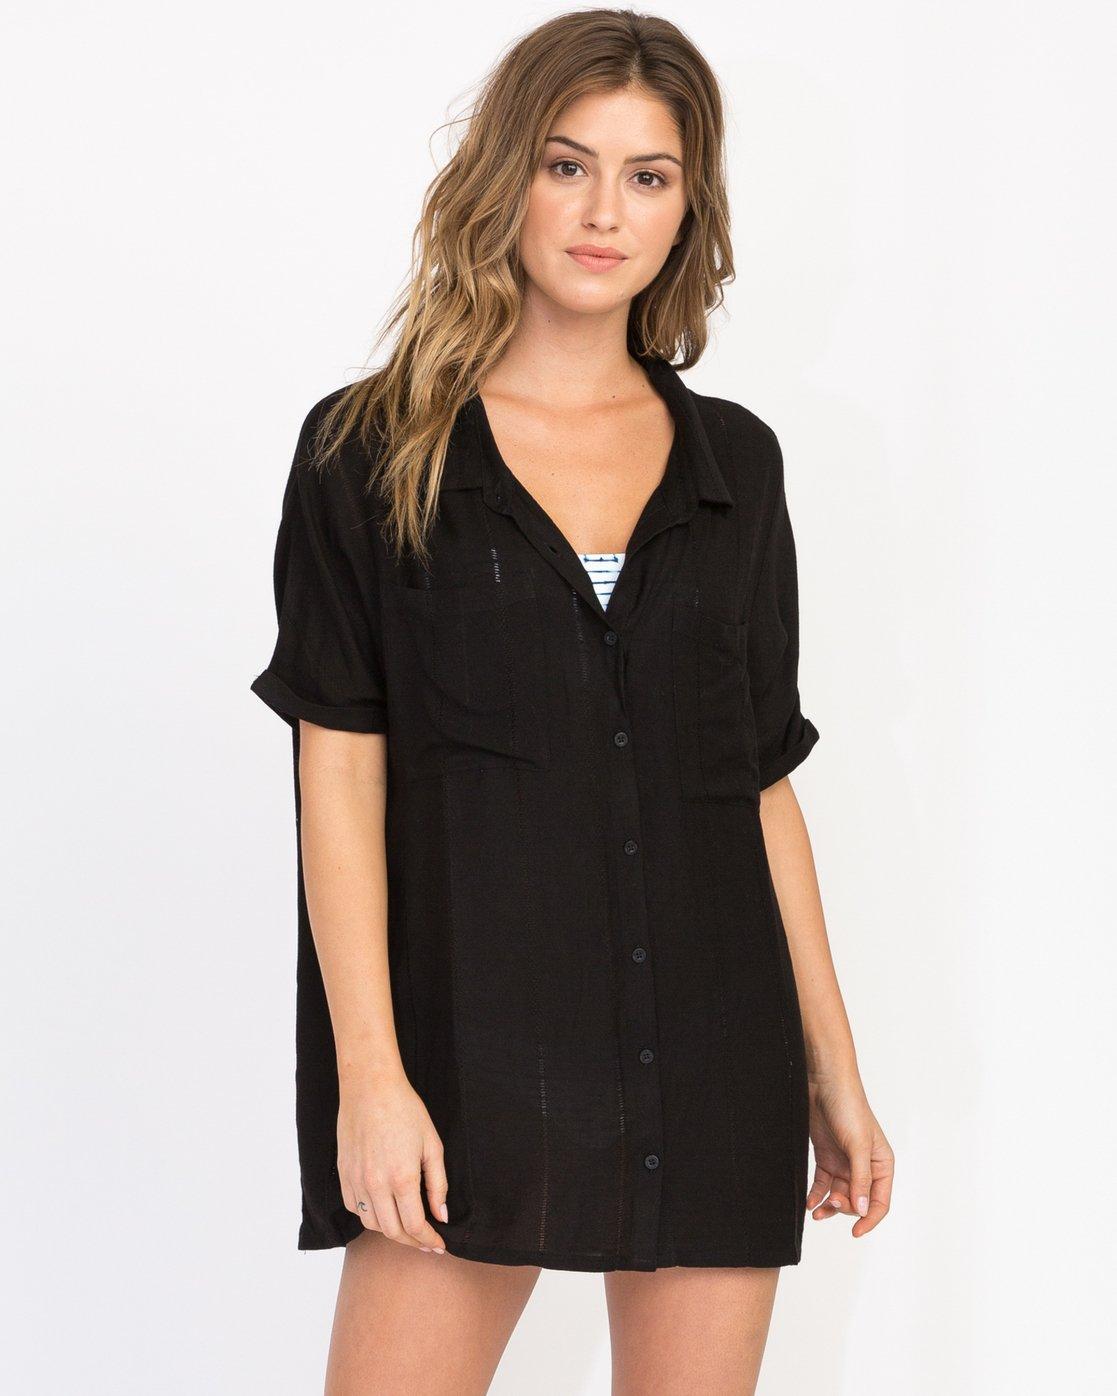 0 And Then Tunic Shirt Dress Black XC05PRAN RVCA